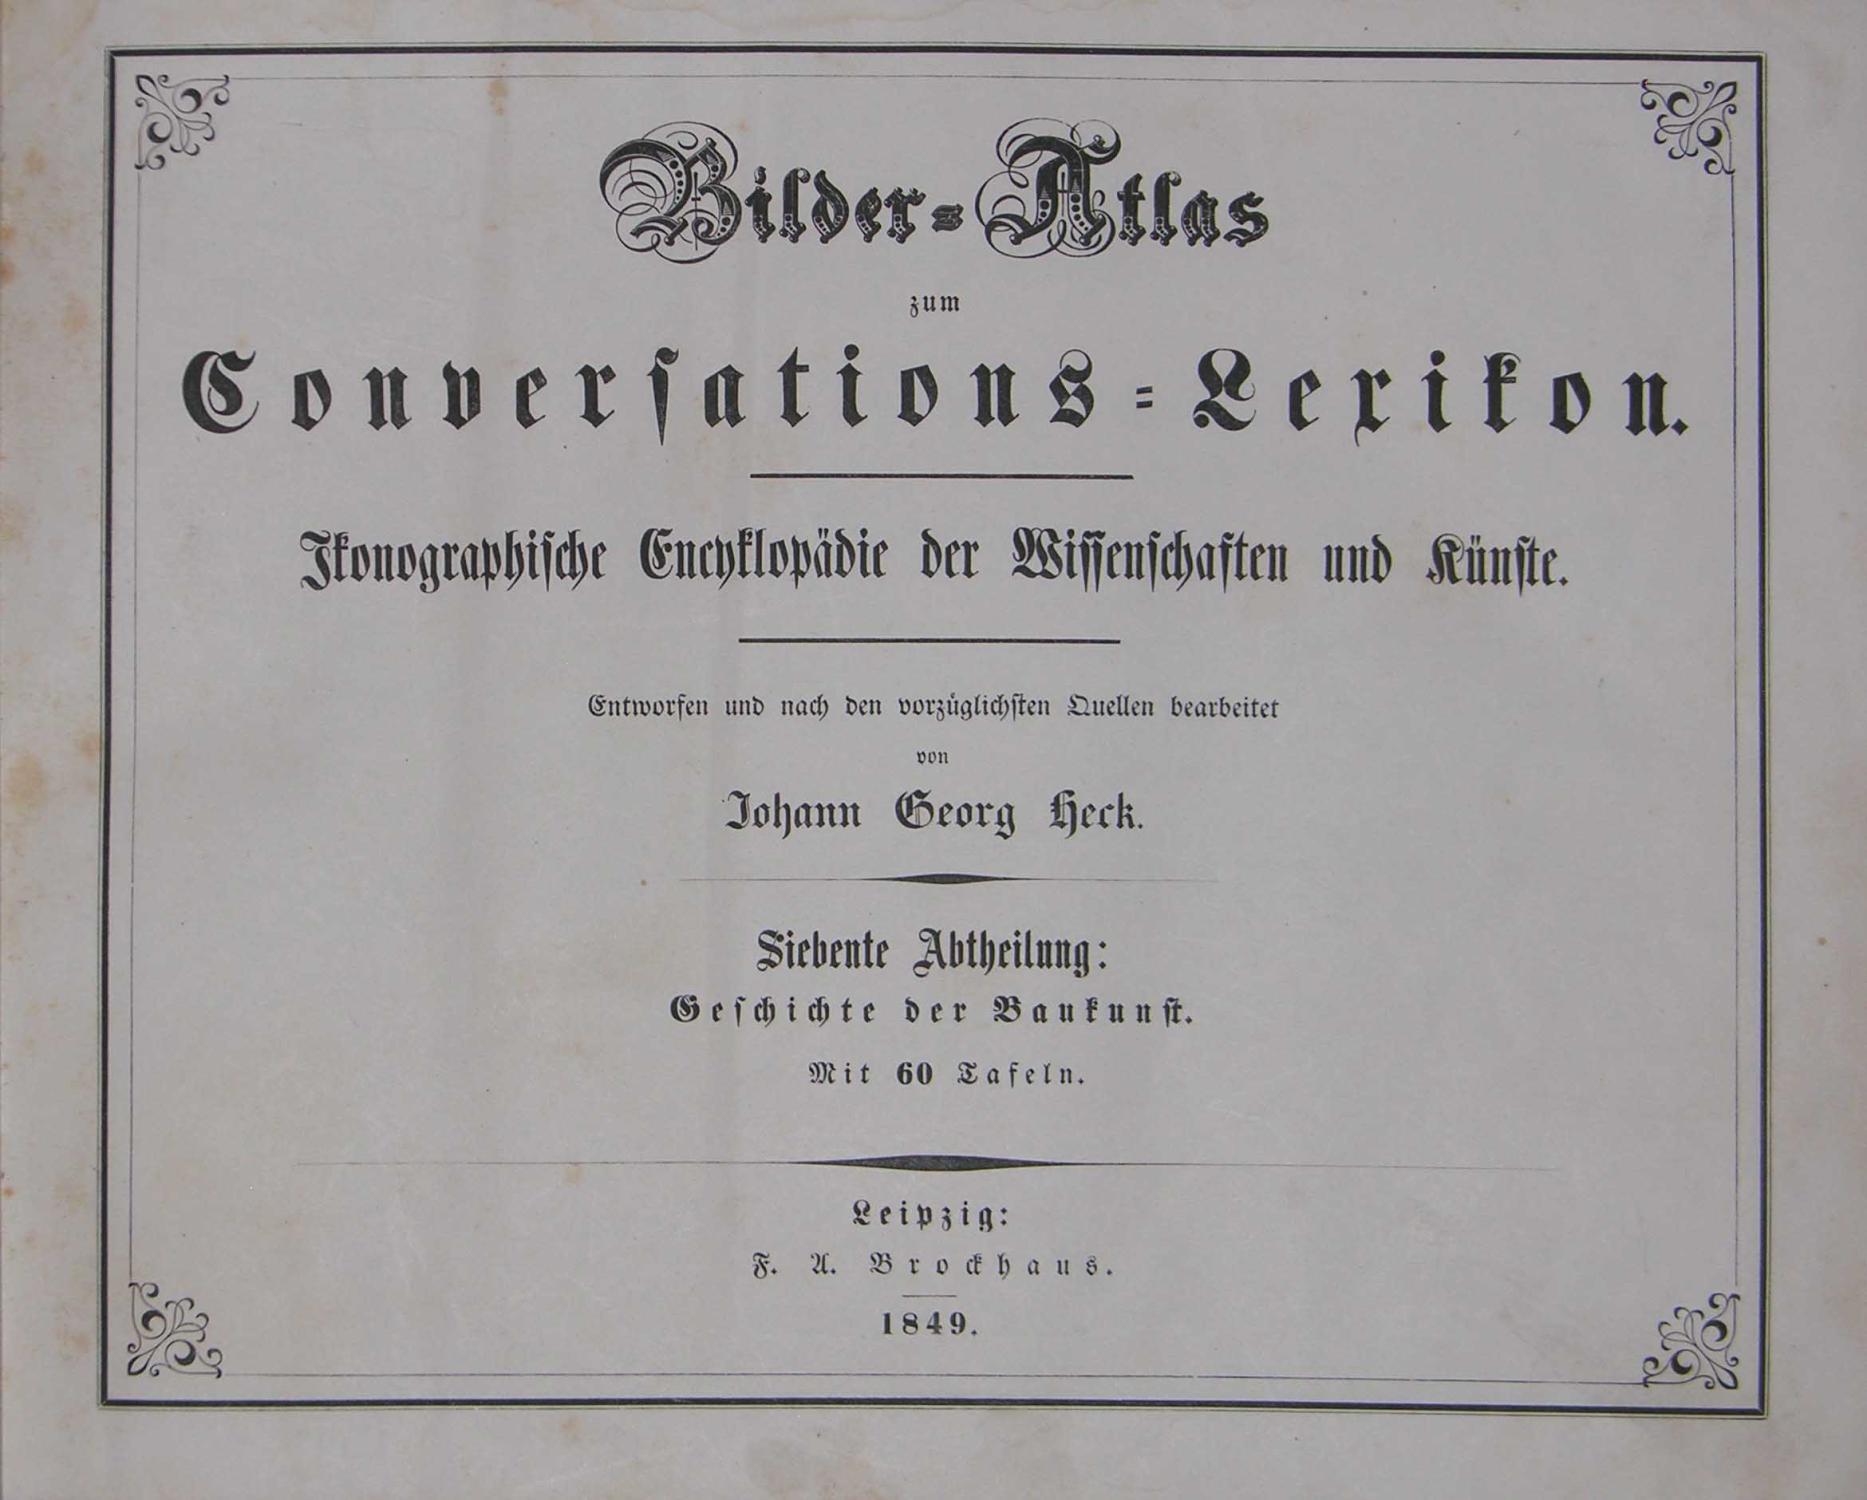 Bilder-Atlas zum Conversations-Lexikon.: Ikonographische Encyklopädie der Wissenschaften und K...